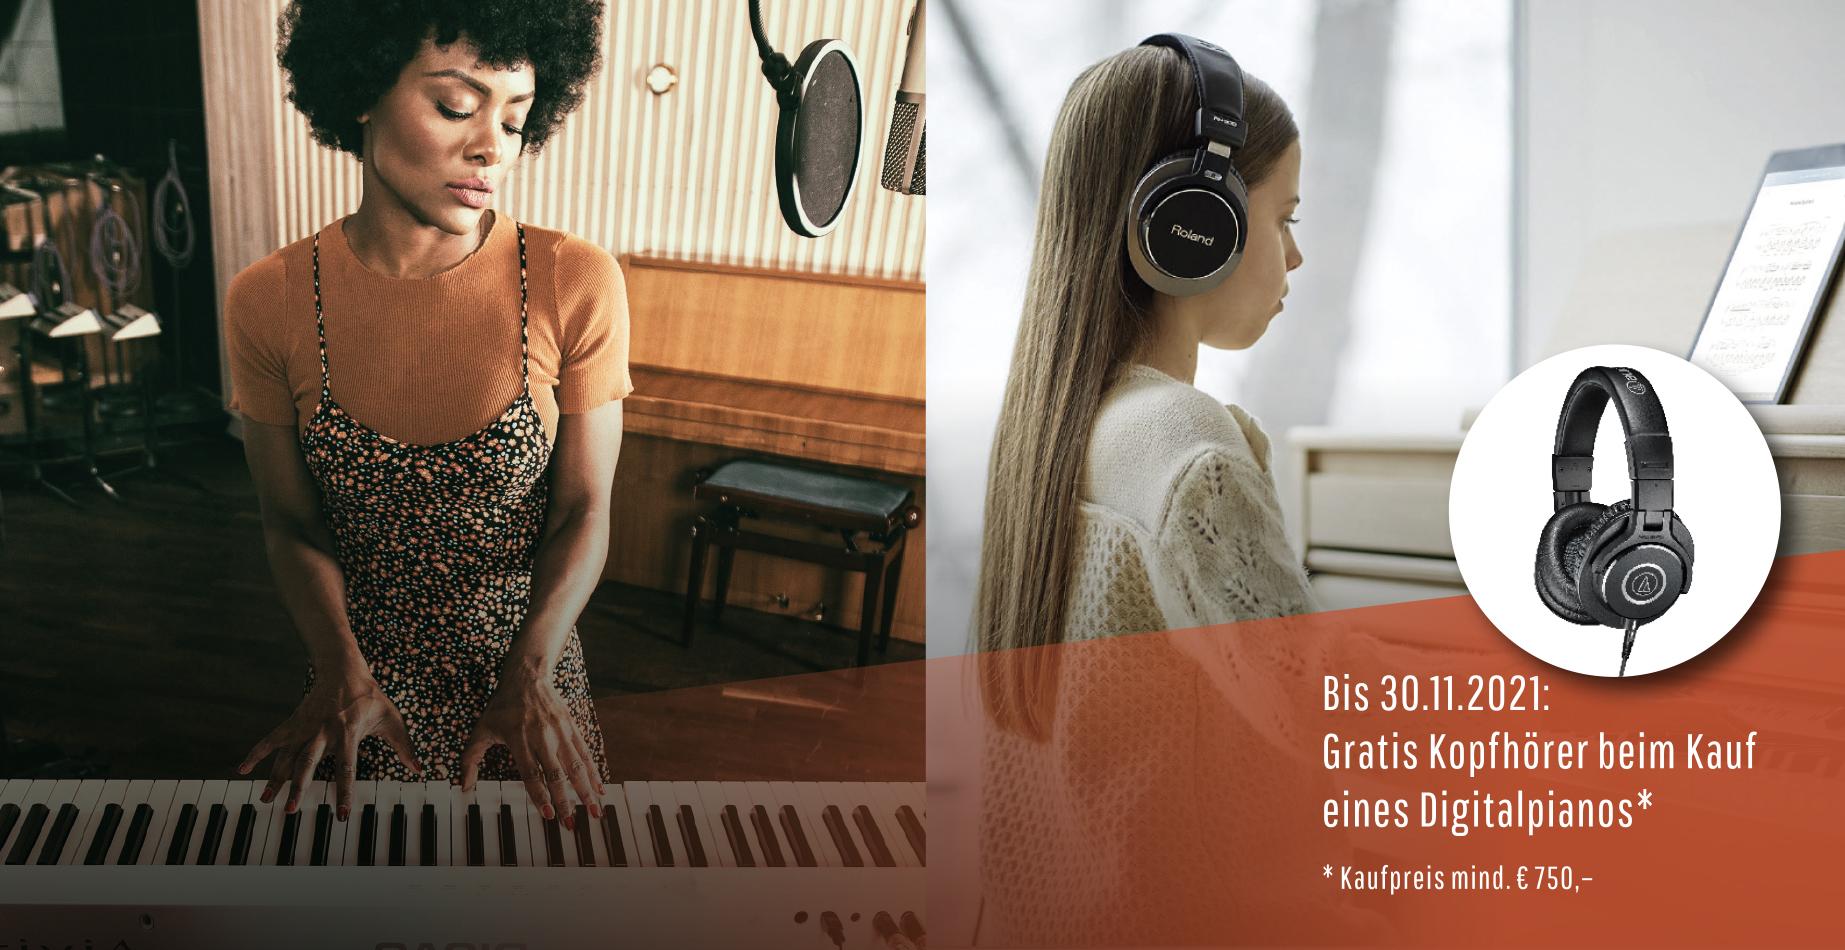 Gratis Studio-Kopfhöhrer beim Kauf eines E-Piano